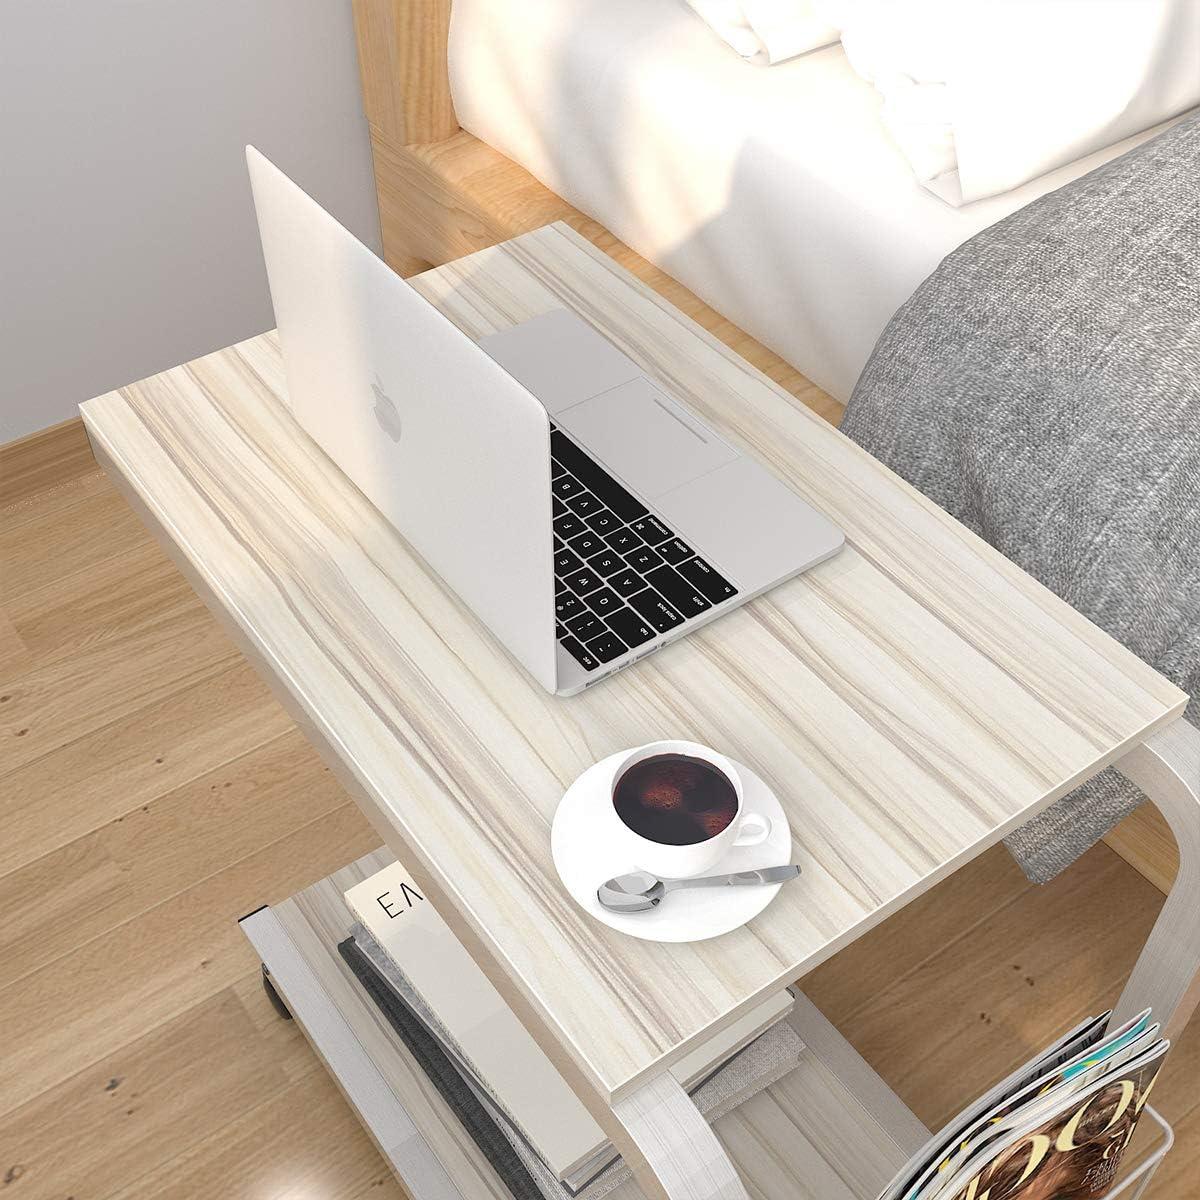 soges Portatile Tavolo Laptop Tavolo per Notebook PC con Piattaforma Divano Tavolo Acero Bianco KH02-MP-M